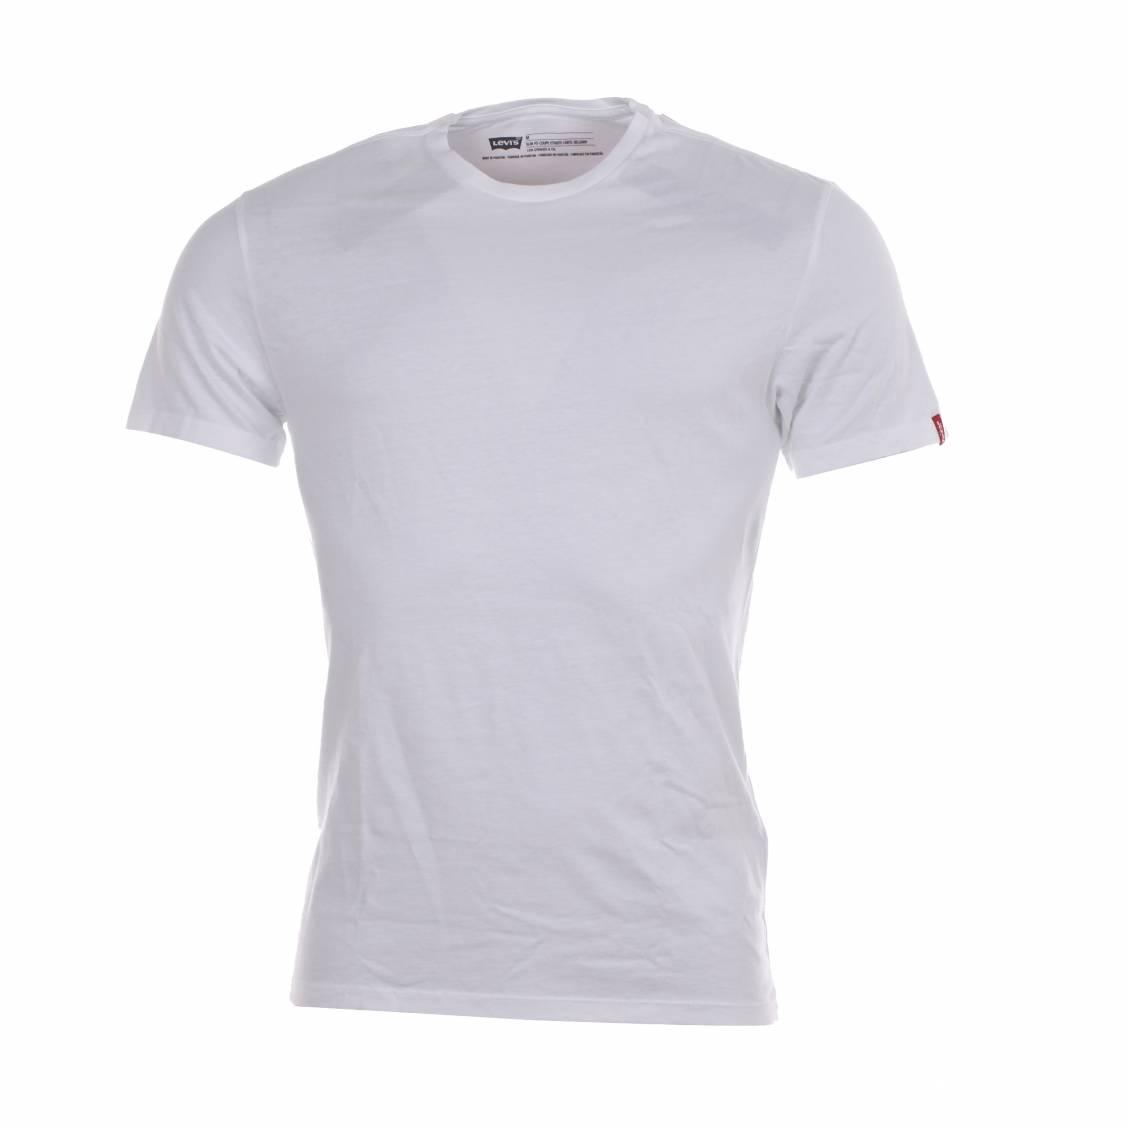 lot de 2 tee-shirt à col rond Levis blanc et bleu marine